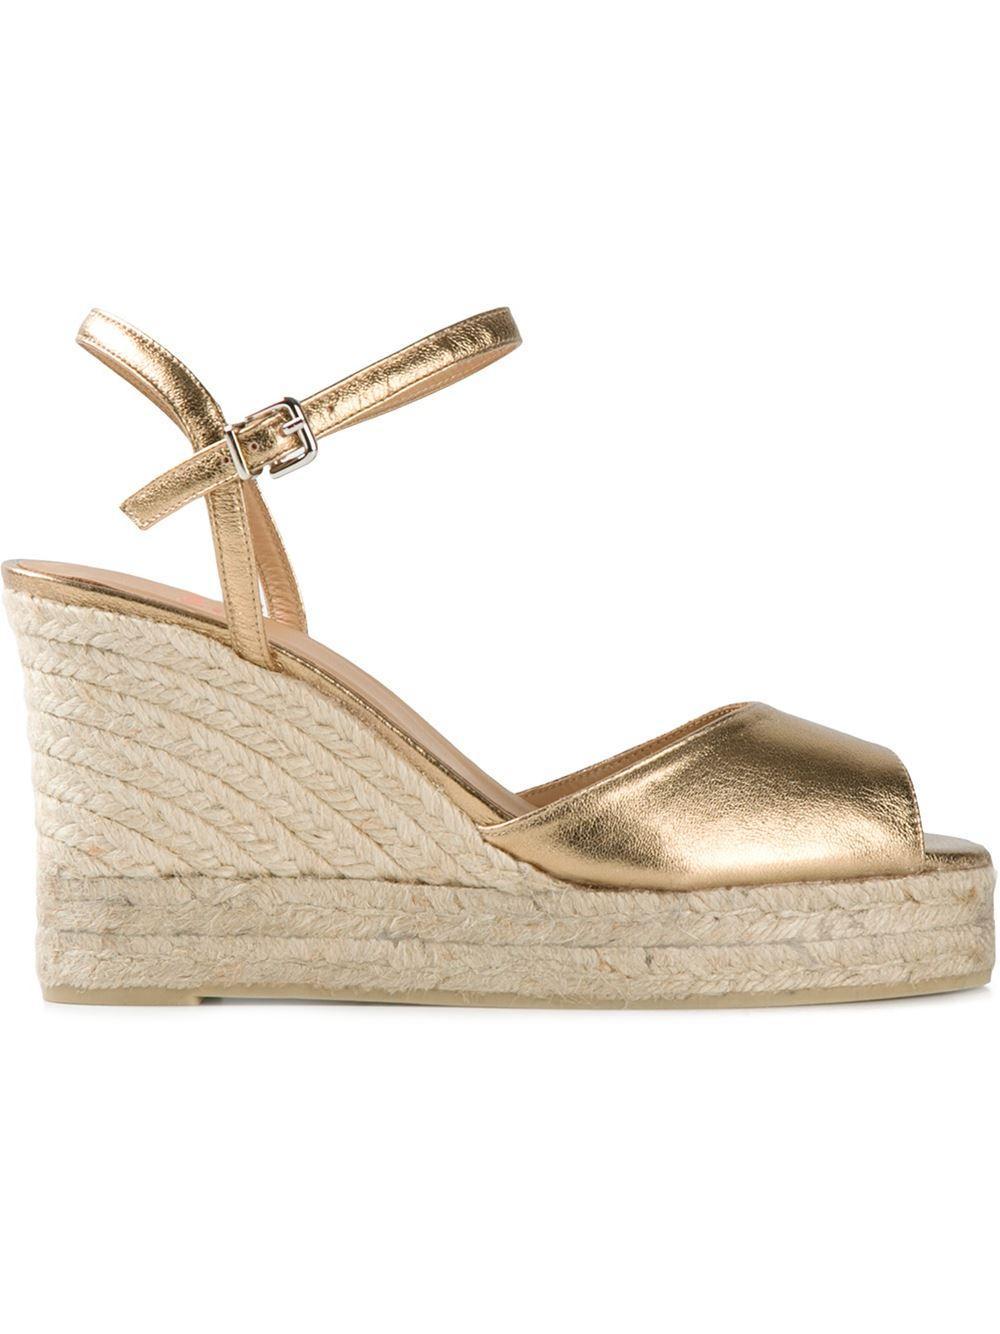 castaner metallic wedge sandals in metallic lyst